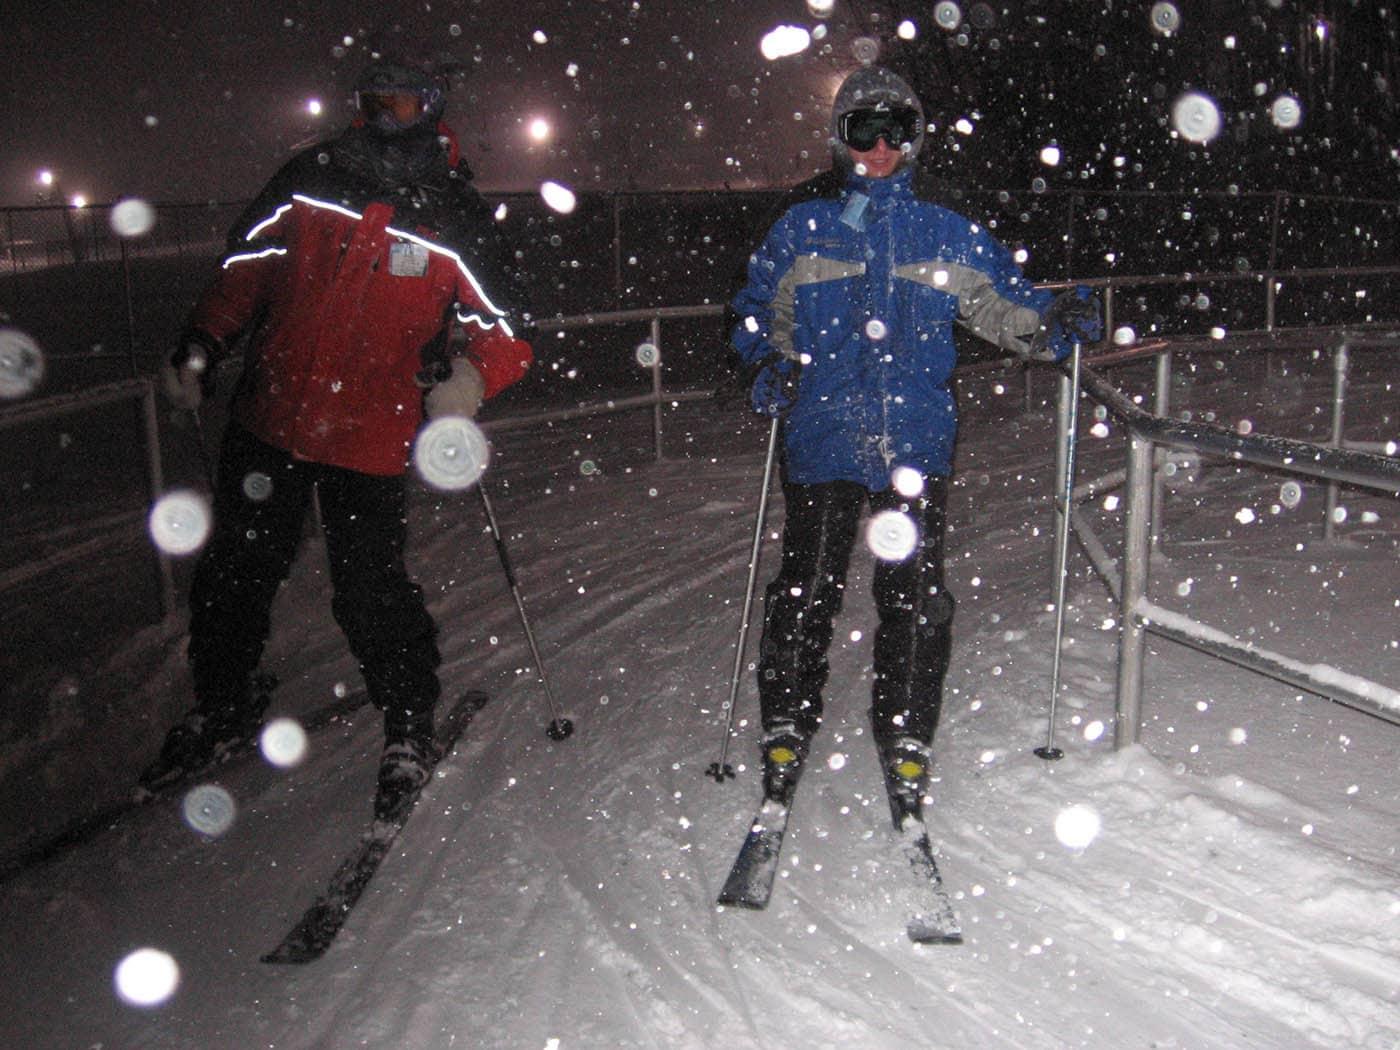 Joe and Brandon skiing on our Ski Trip in Petoskey, Michigan